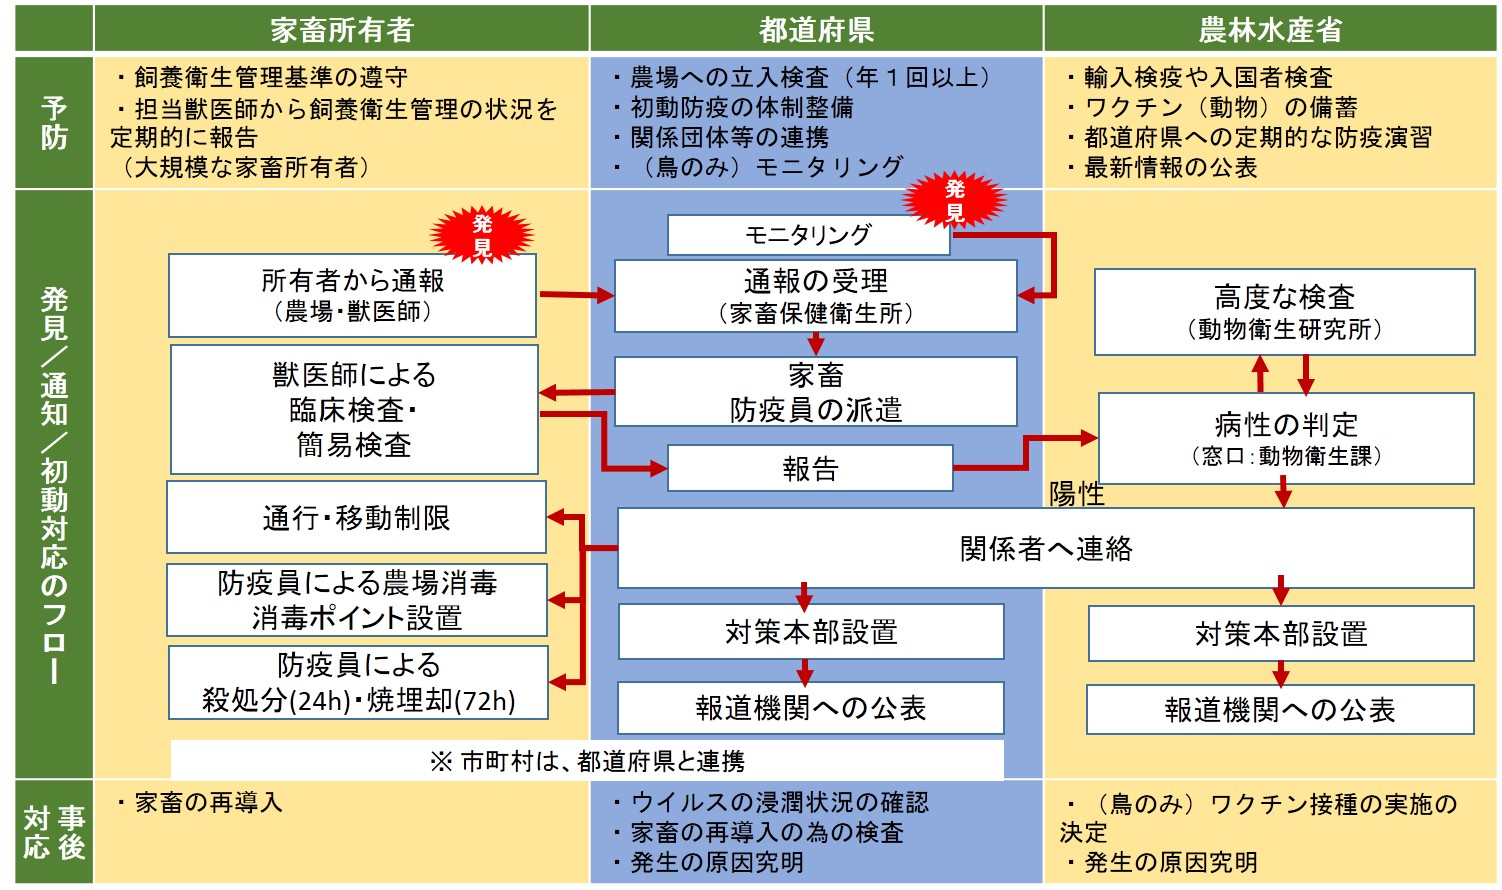 特定家畜伝染病 防疫指針による防疫体制フロー